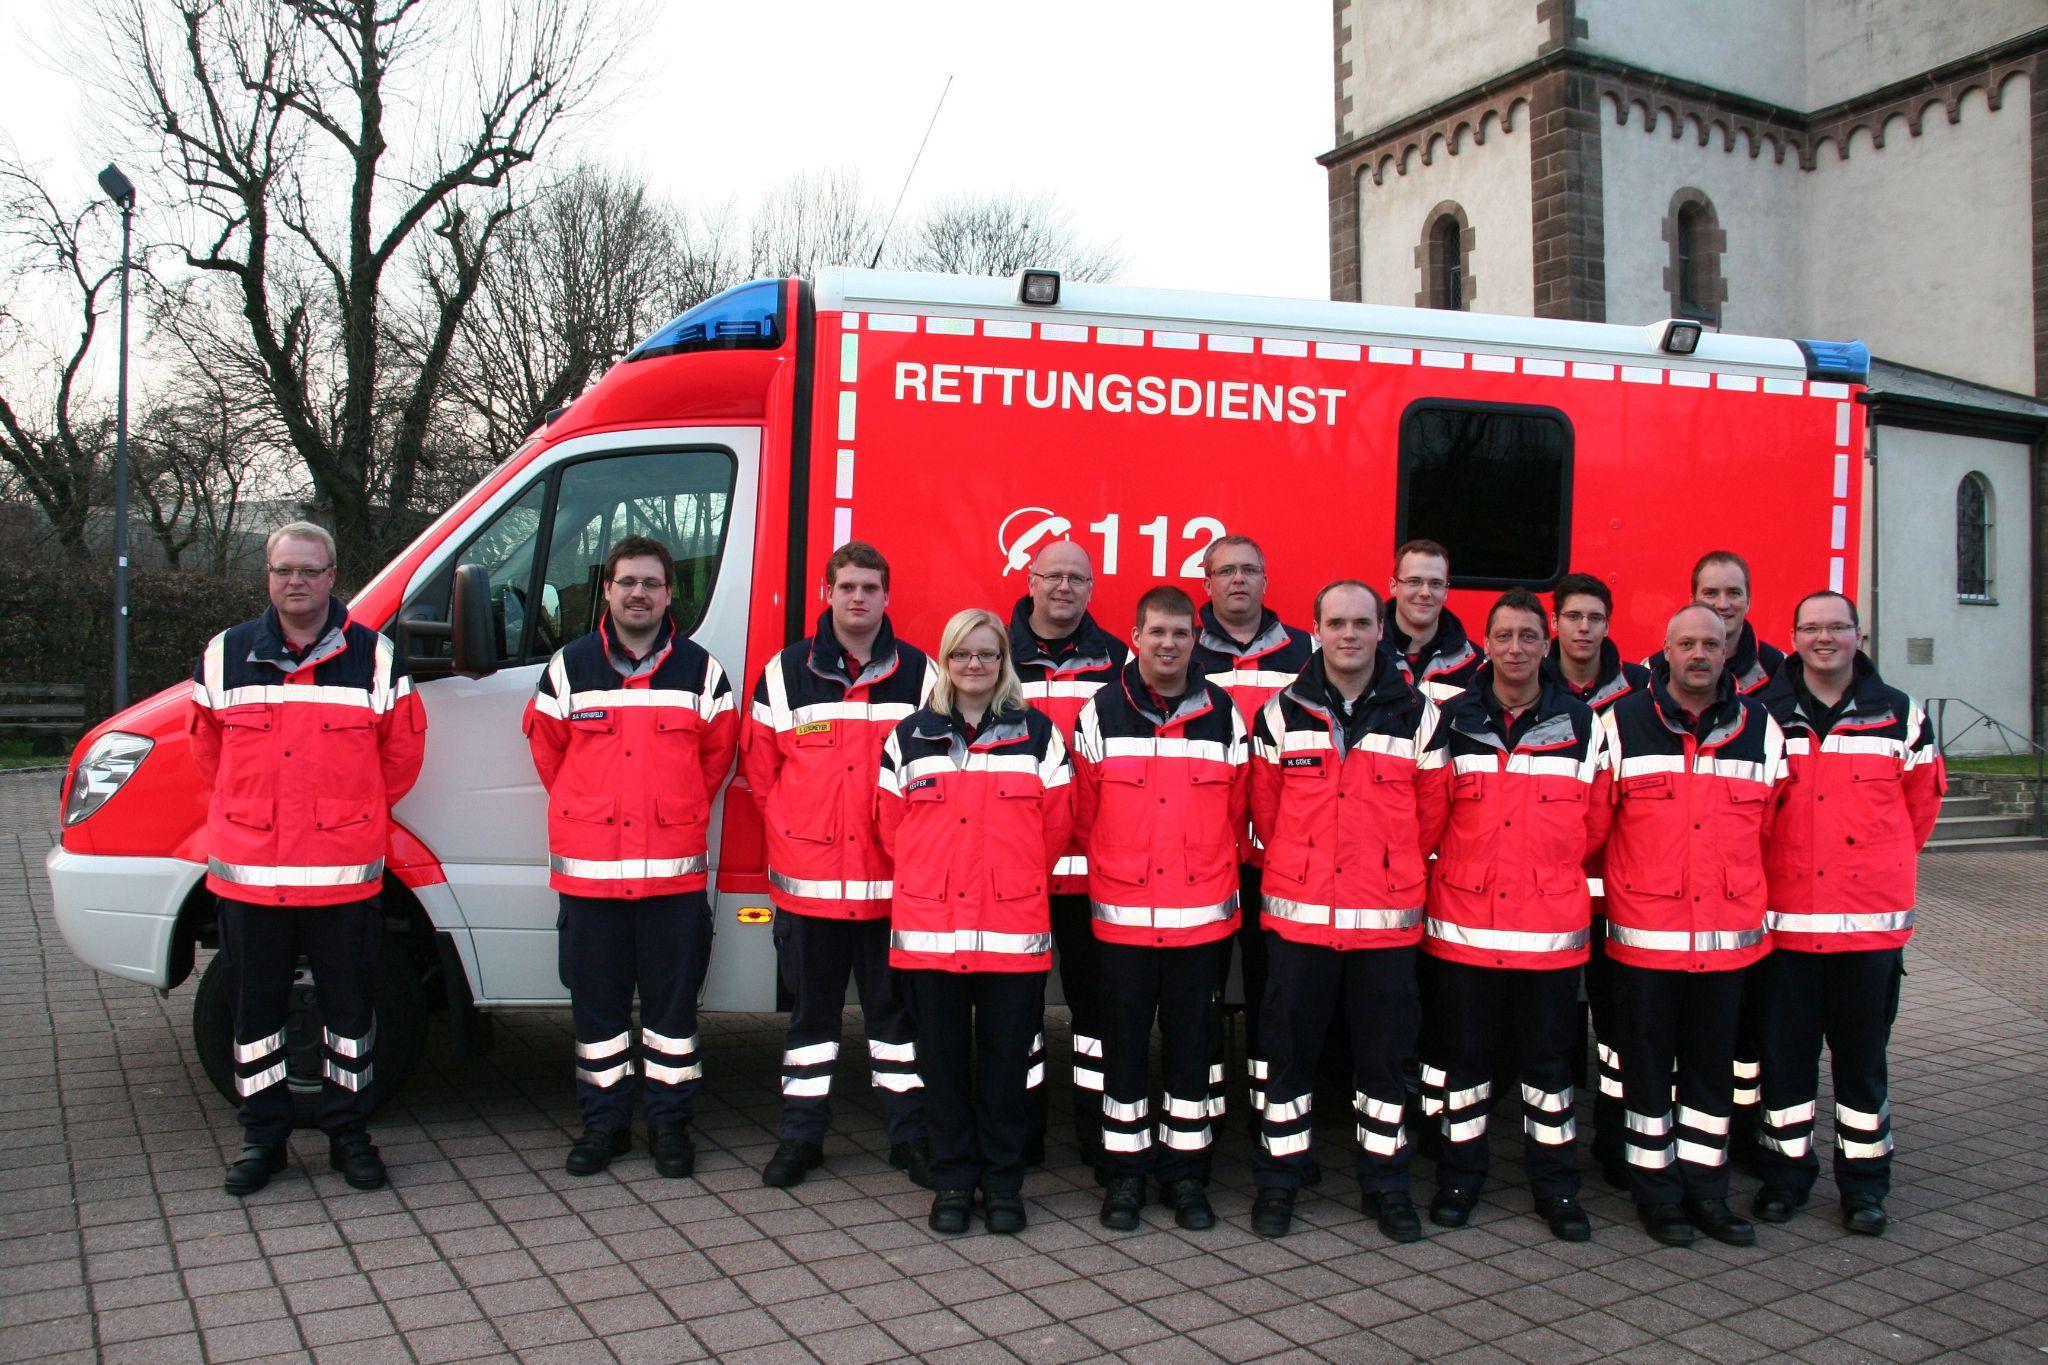 Gruppenbild Rettungsdienst 2012